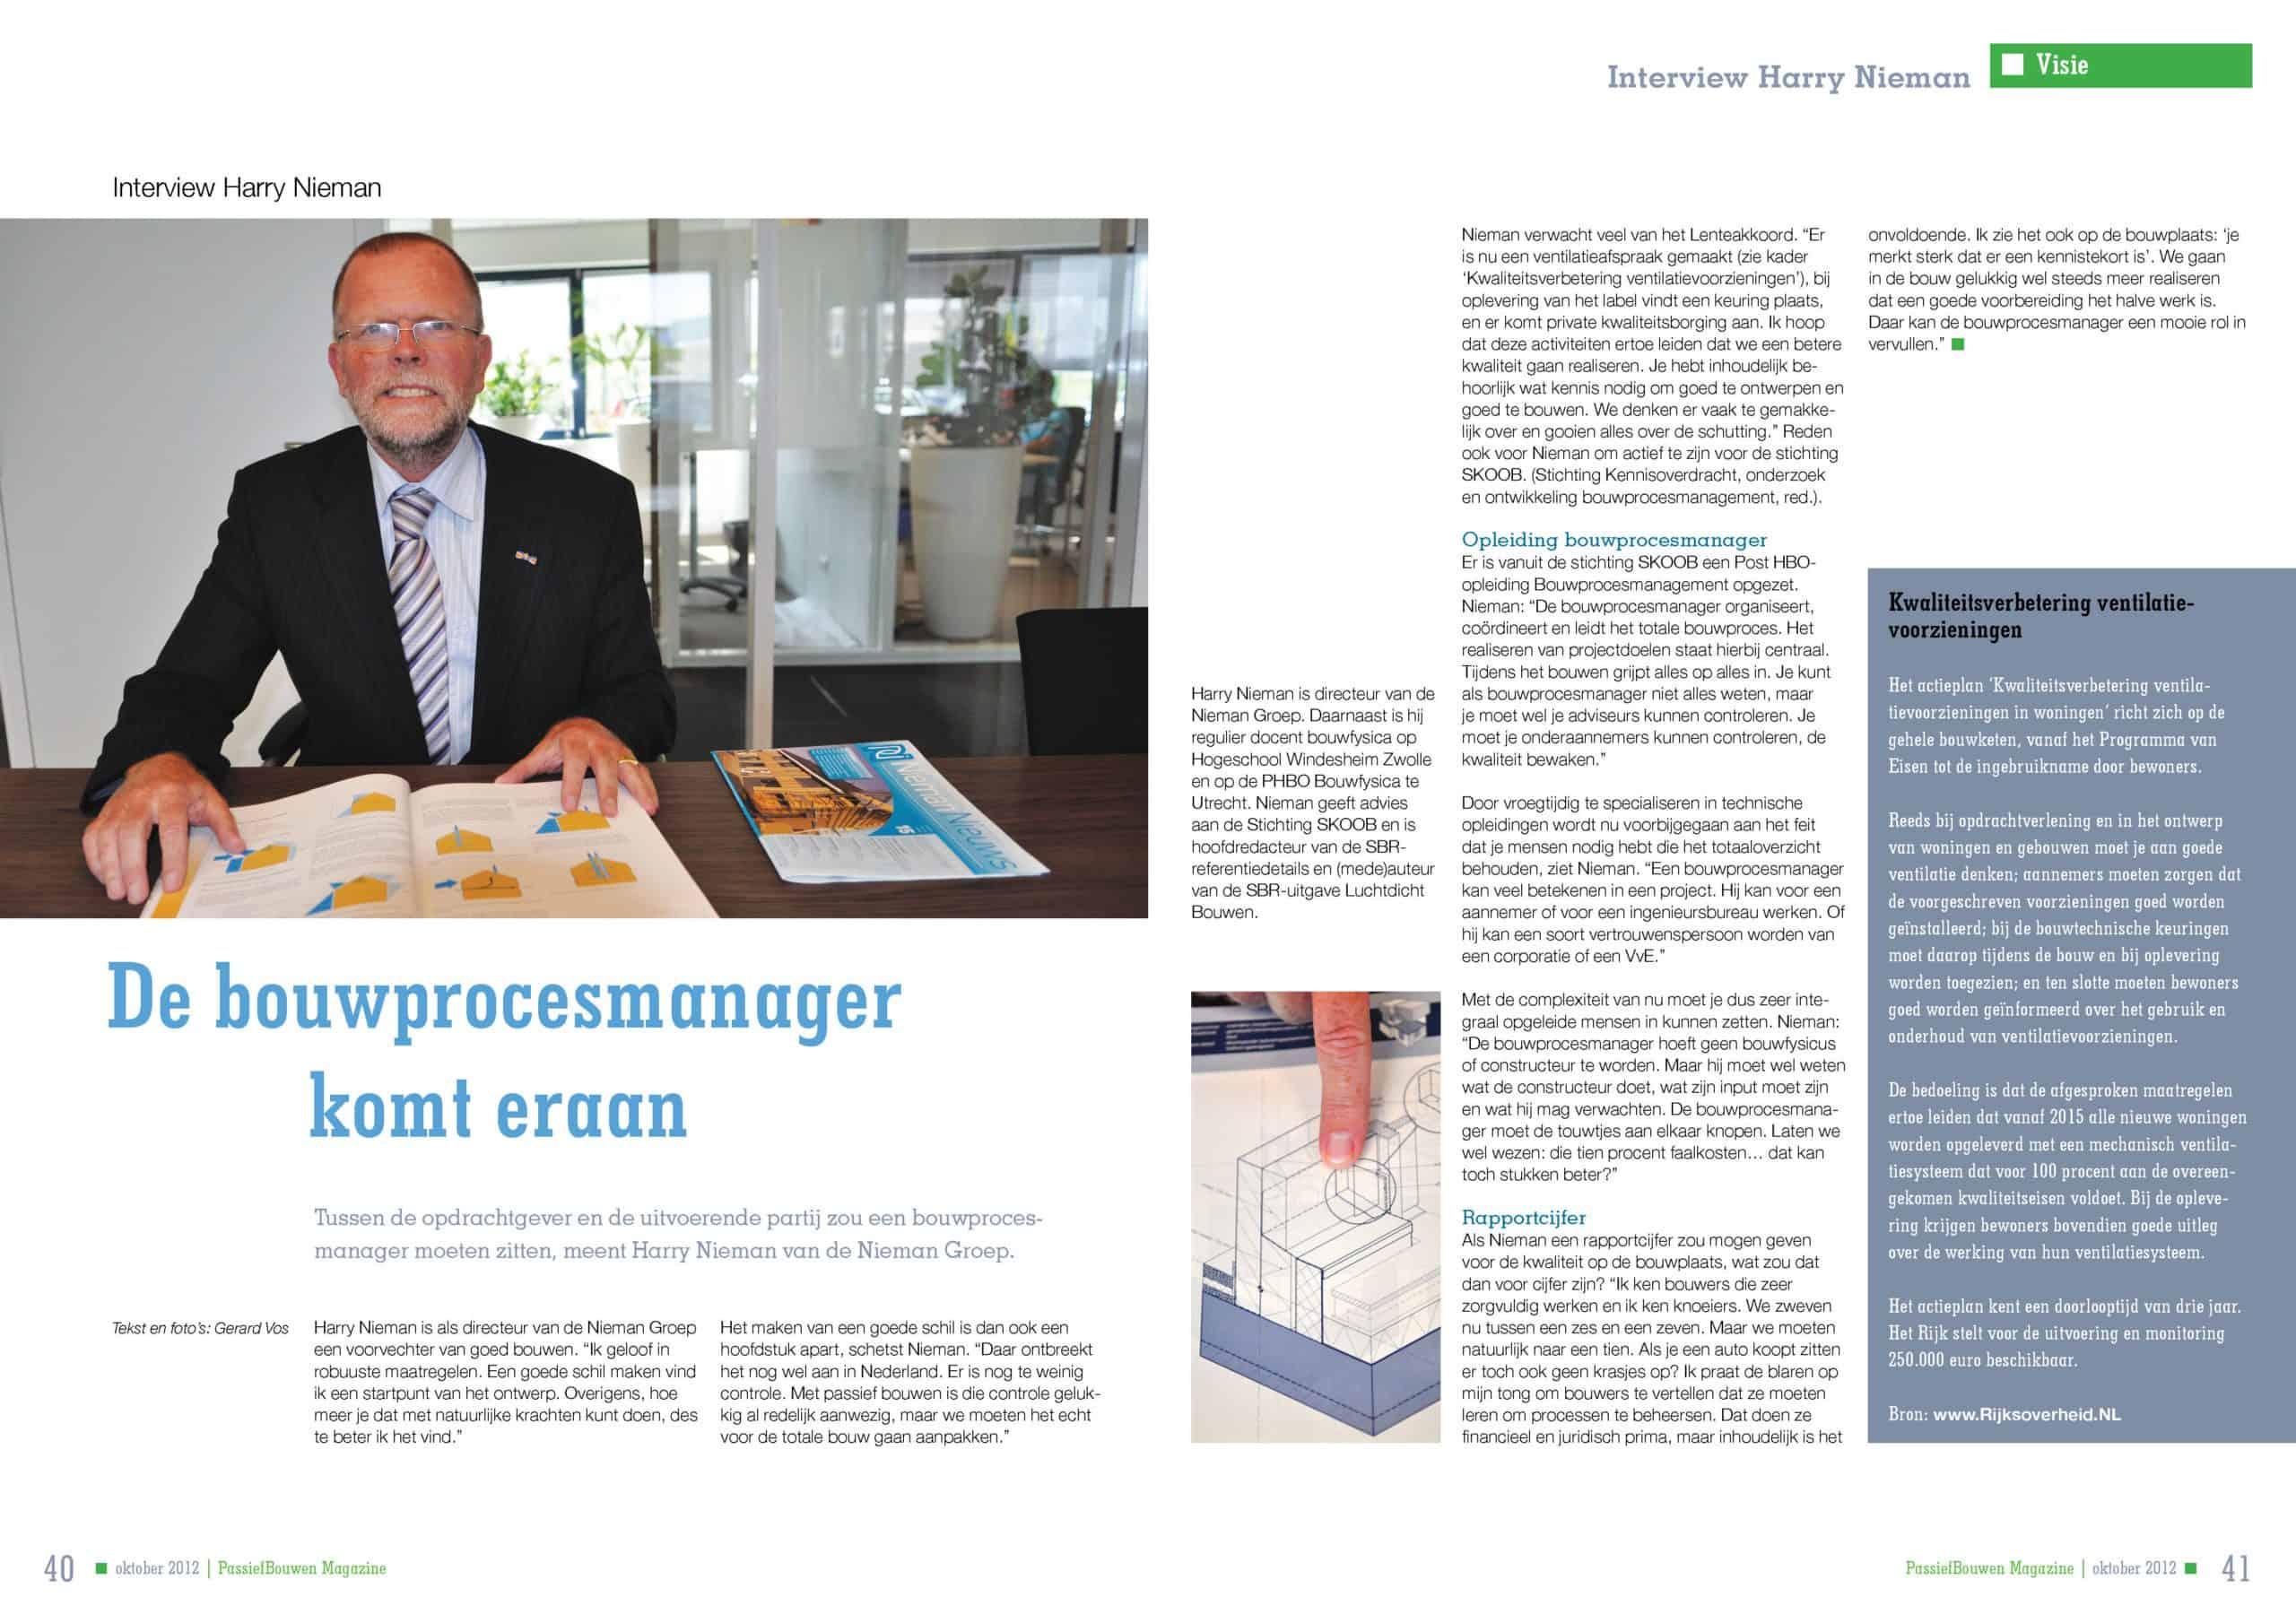 PassiefBouwenMagazine_2012-10_DE-Bouwprocesmanager-komt-eraan-1-scaled